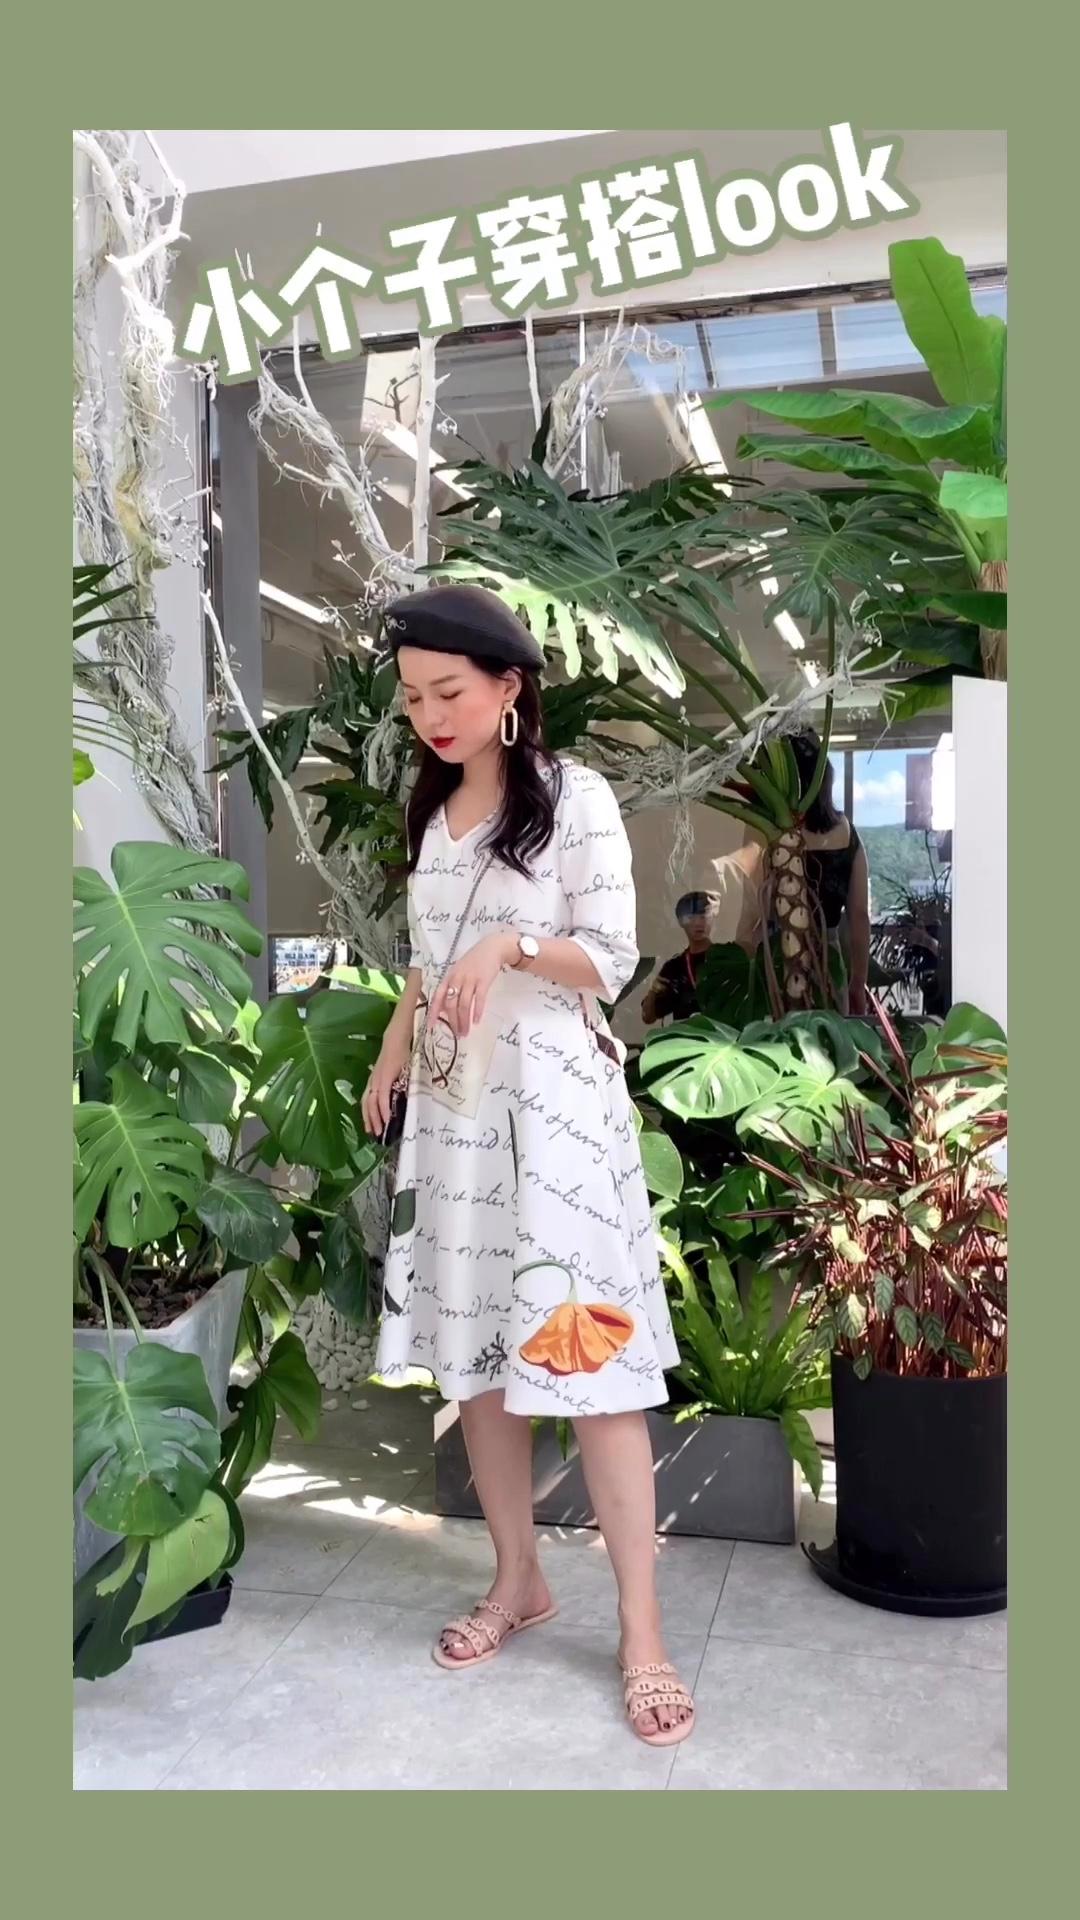 """#""""抽脂""""穿搭术,无死角显瘦!# 涂鸦式连衣裙 这连衣裙最喜欢的点就是她和别人的花纹不一样啊 很有感觉 收腰的设计恰到好处 大v领和宽松的裙摆也很 nice"""